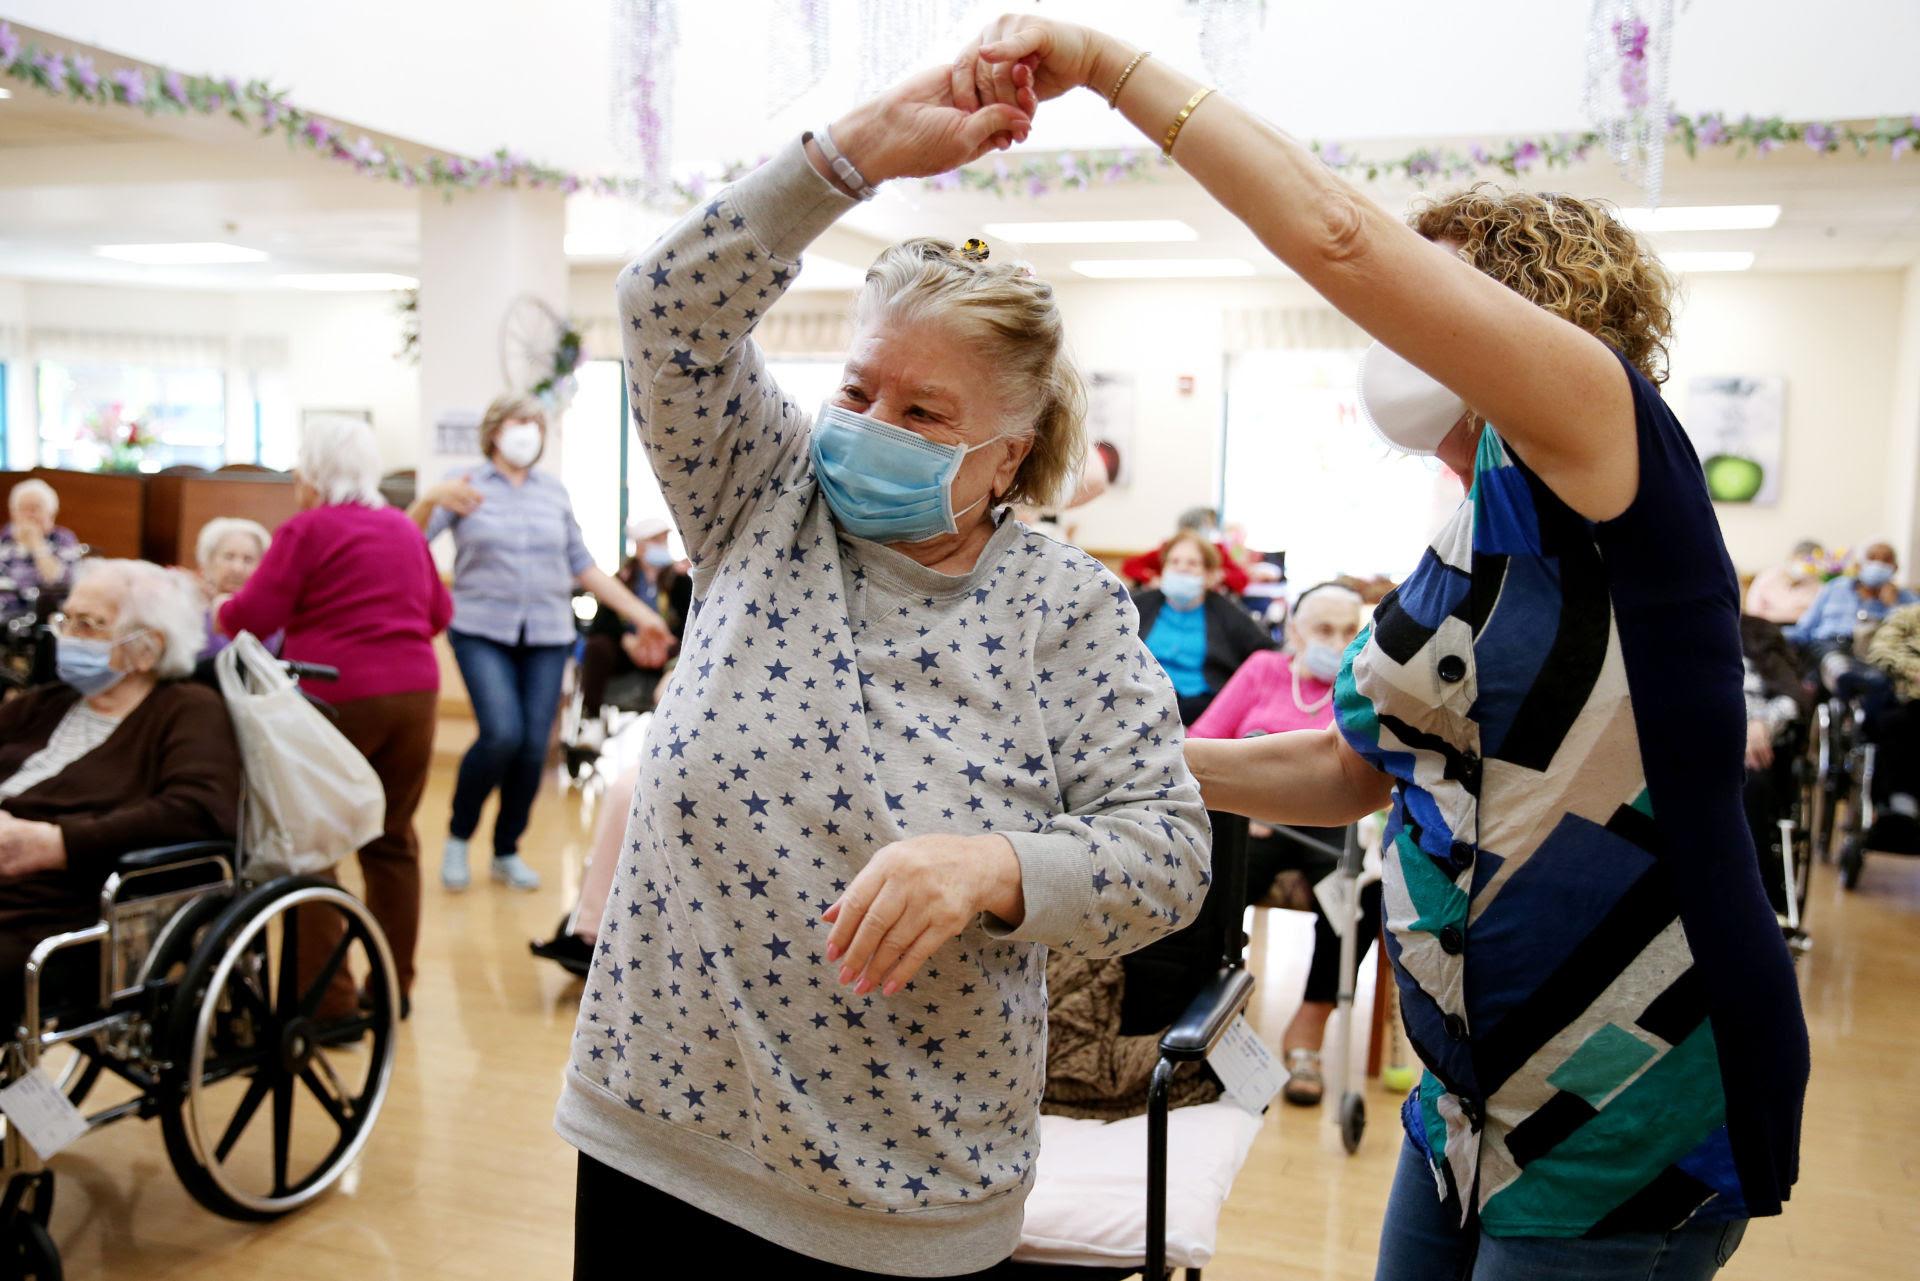 Dân số lão hóa, Mỹ cần $400 tỷ chăm sóc người cao niên tại nhà